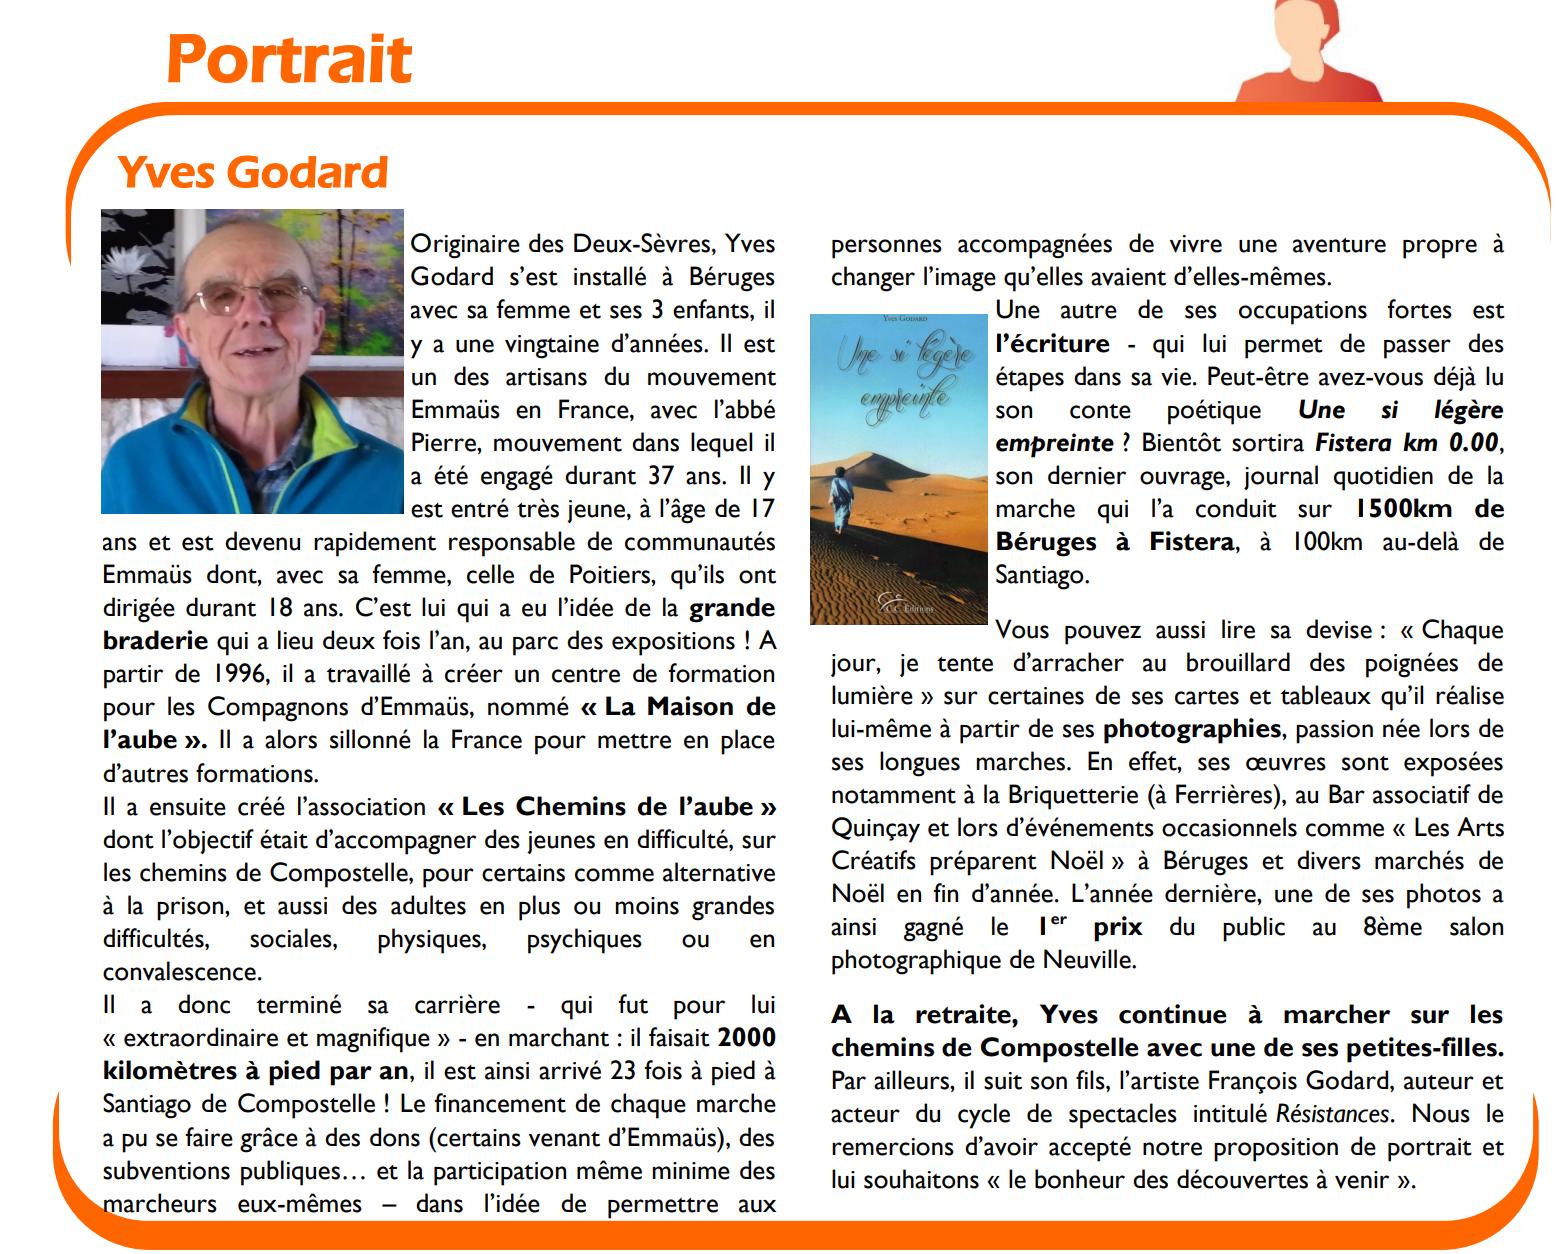 Parution du livre 'Fisterra km 0' d'Yves Godard